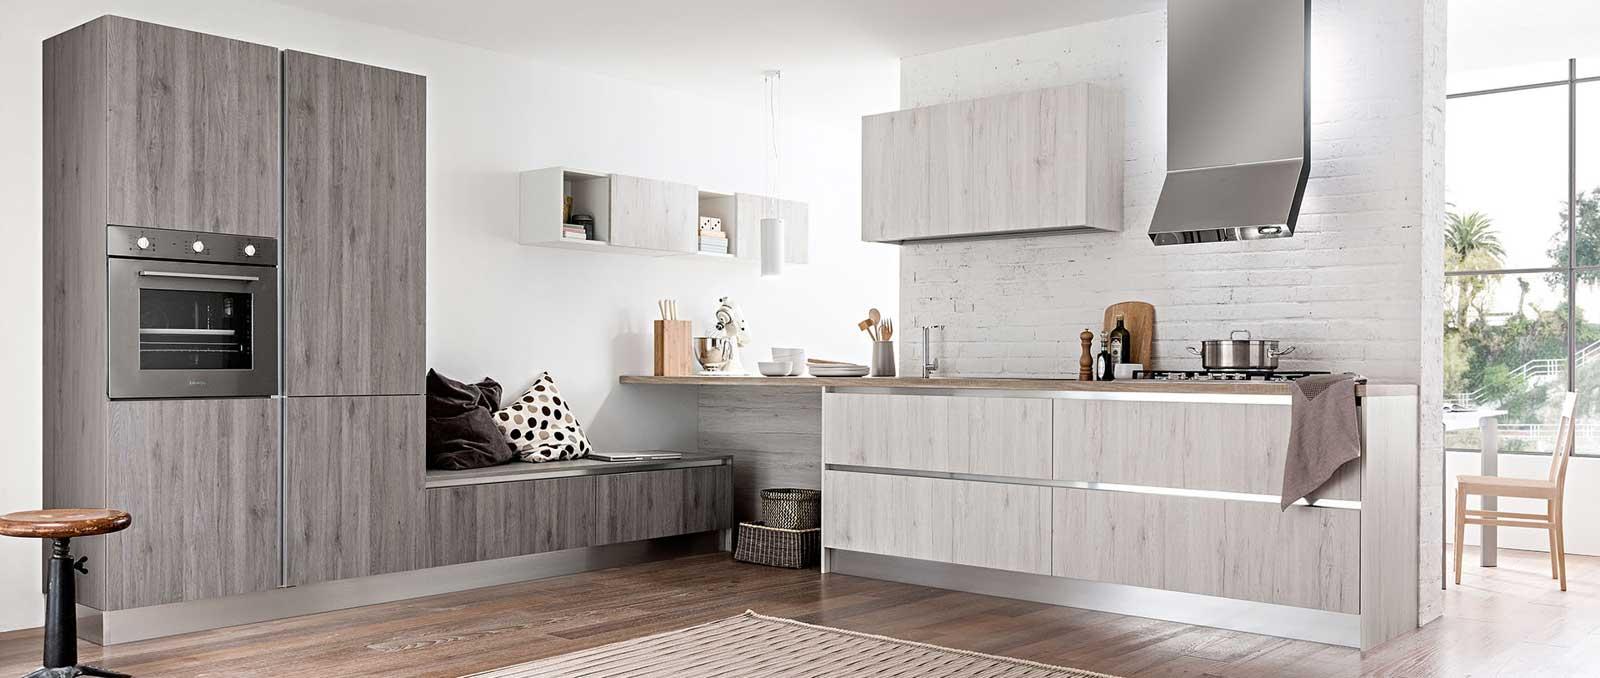 Cuisine contemporaine, intemporelle et chic, avec ses meubles suspendus et épuré. Quand votre cuisine devient l'âme de votre maison.